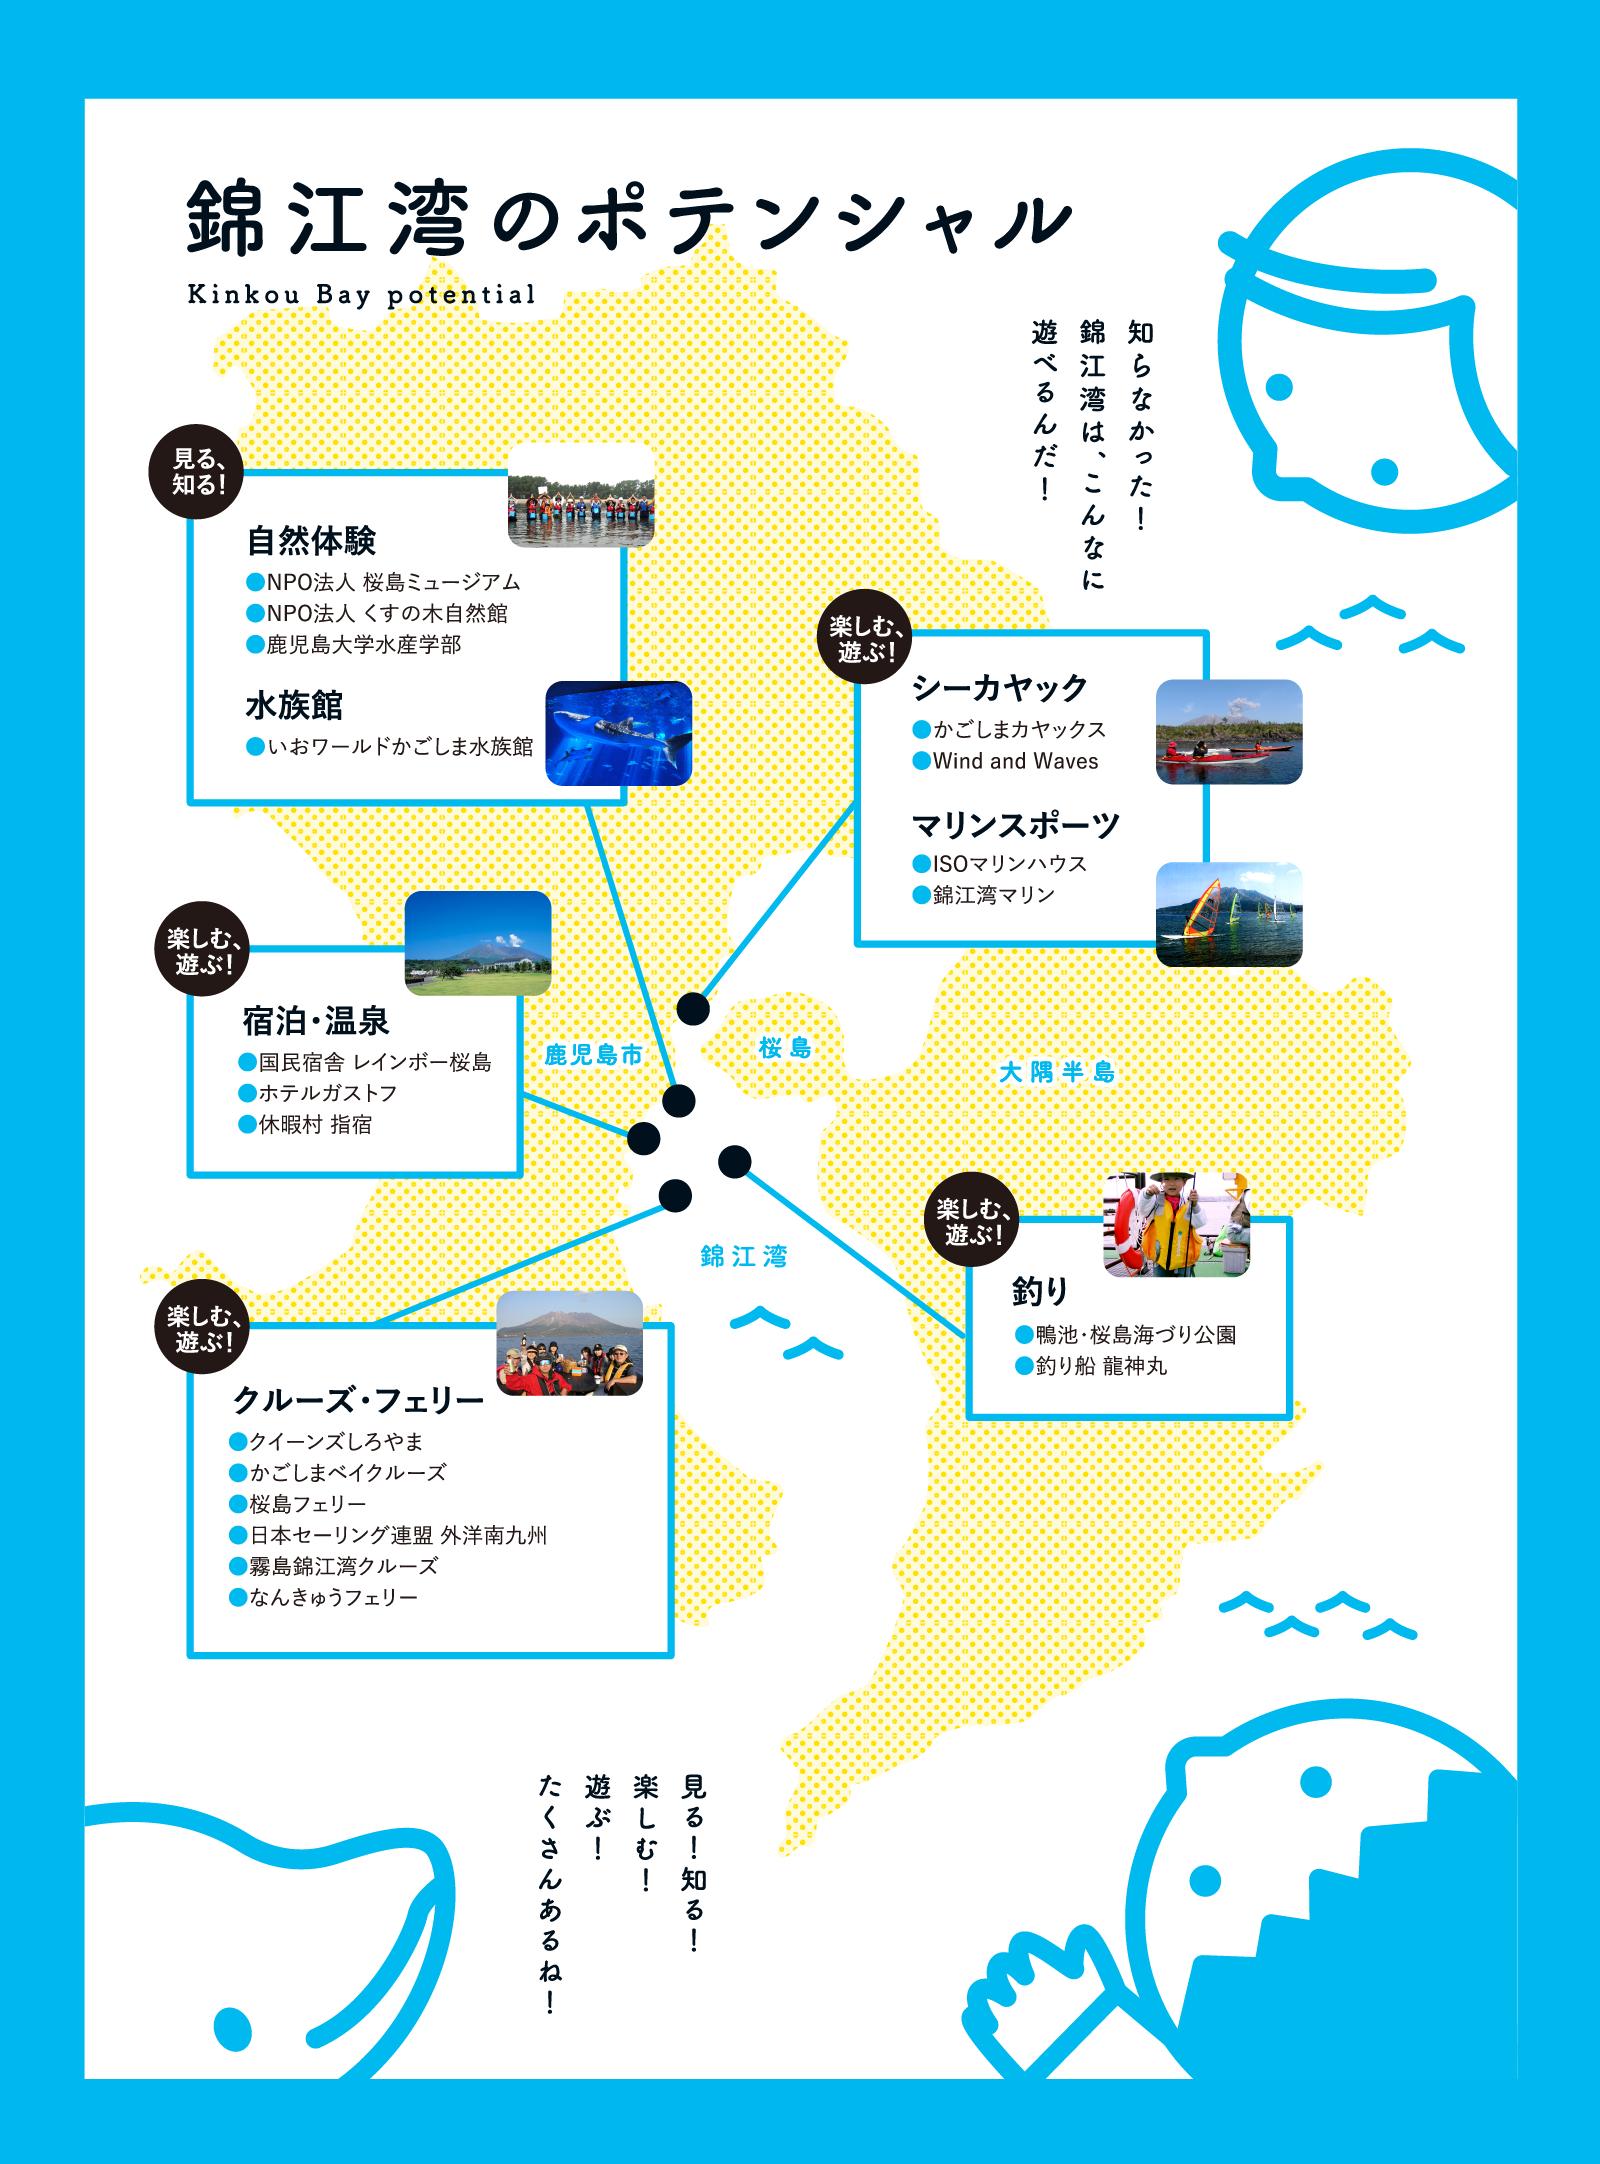 錦江湾の楽しみ方パンフレット